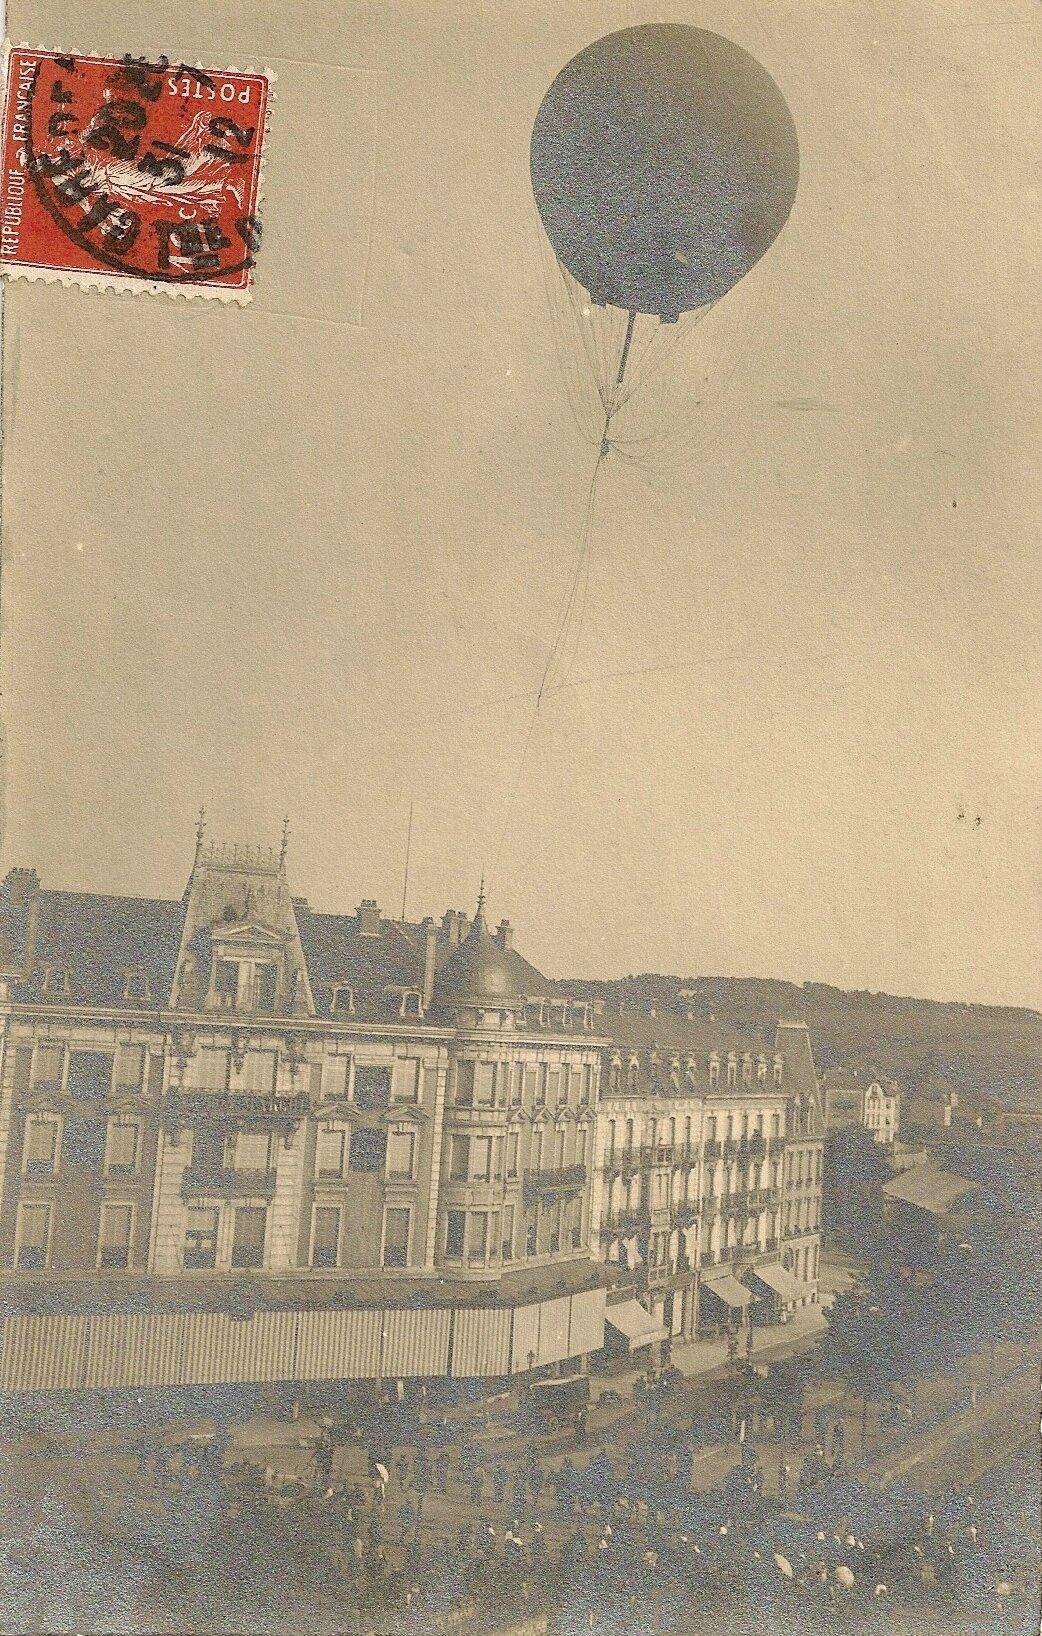 Un ballon captif sur Belfort où télégraphie rime avec sténographie